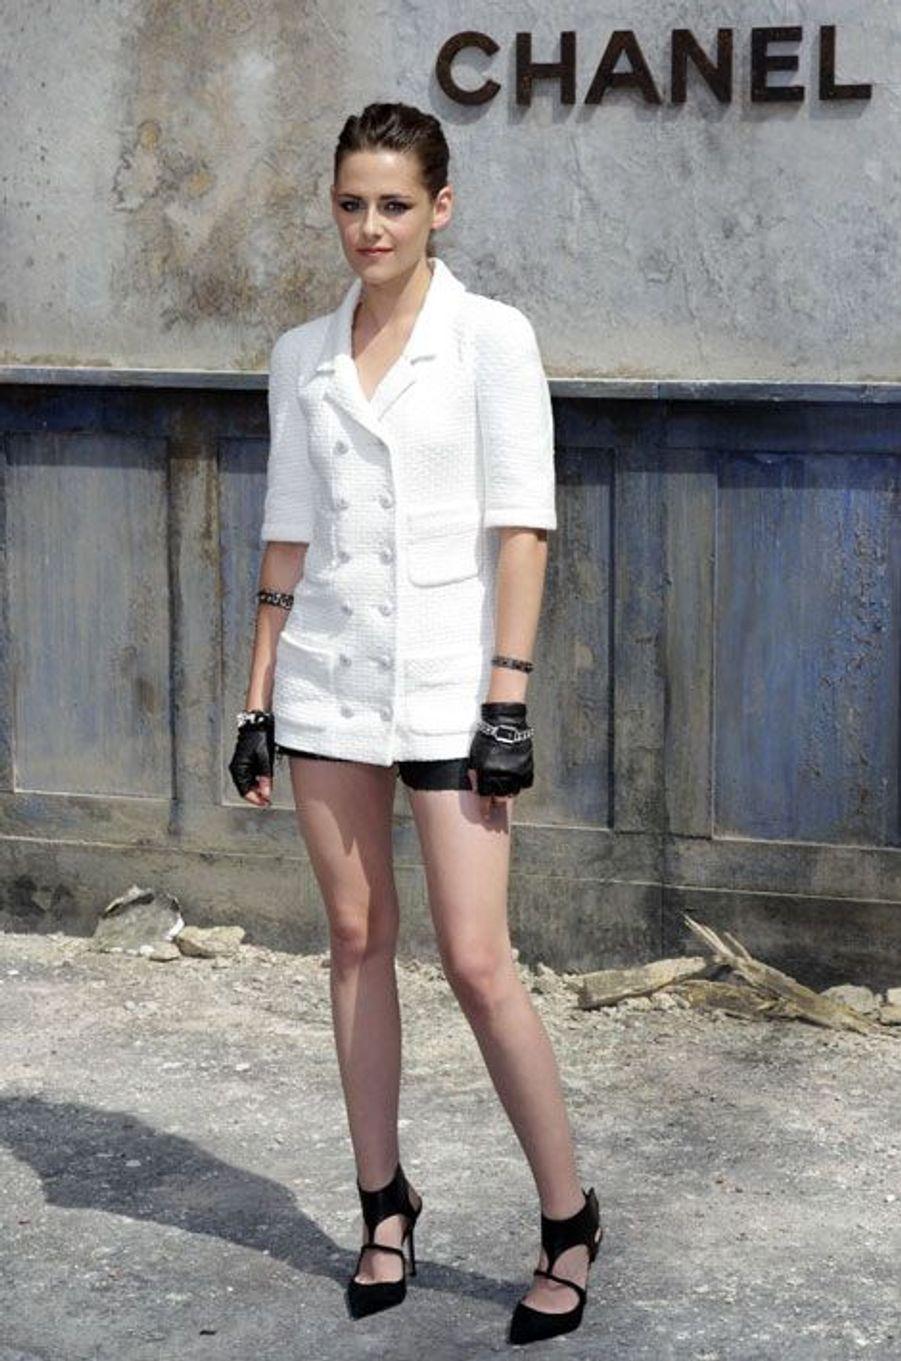 Short en cuir et blazer à manches courtes Chanel pour le défilé automne-hiver 2013-2014 de la griffe à Paris, le 2 juillet 2013